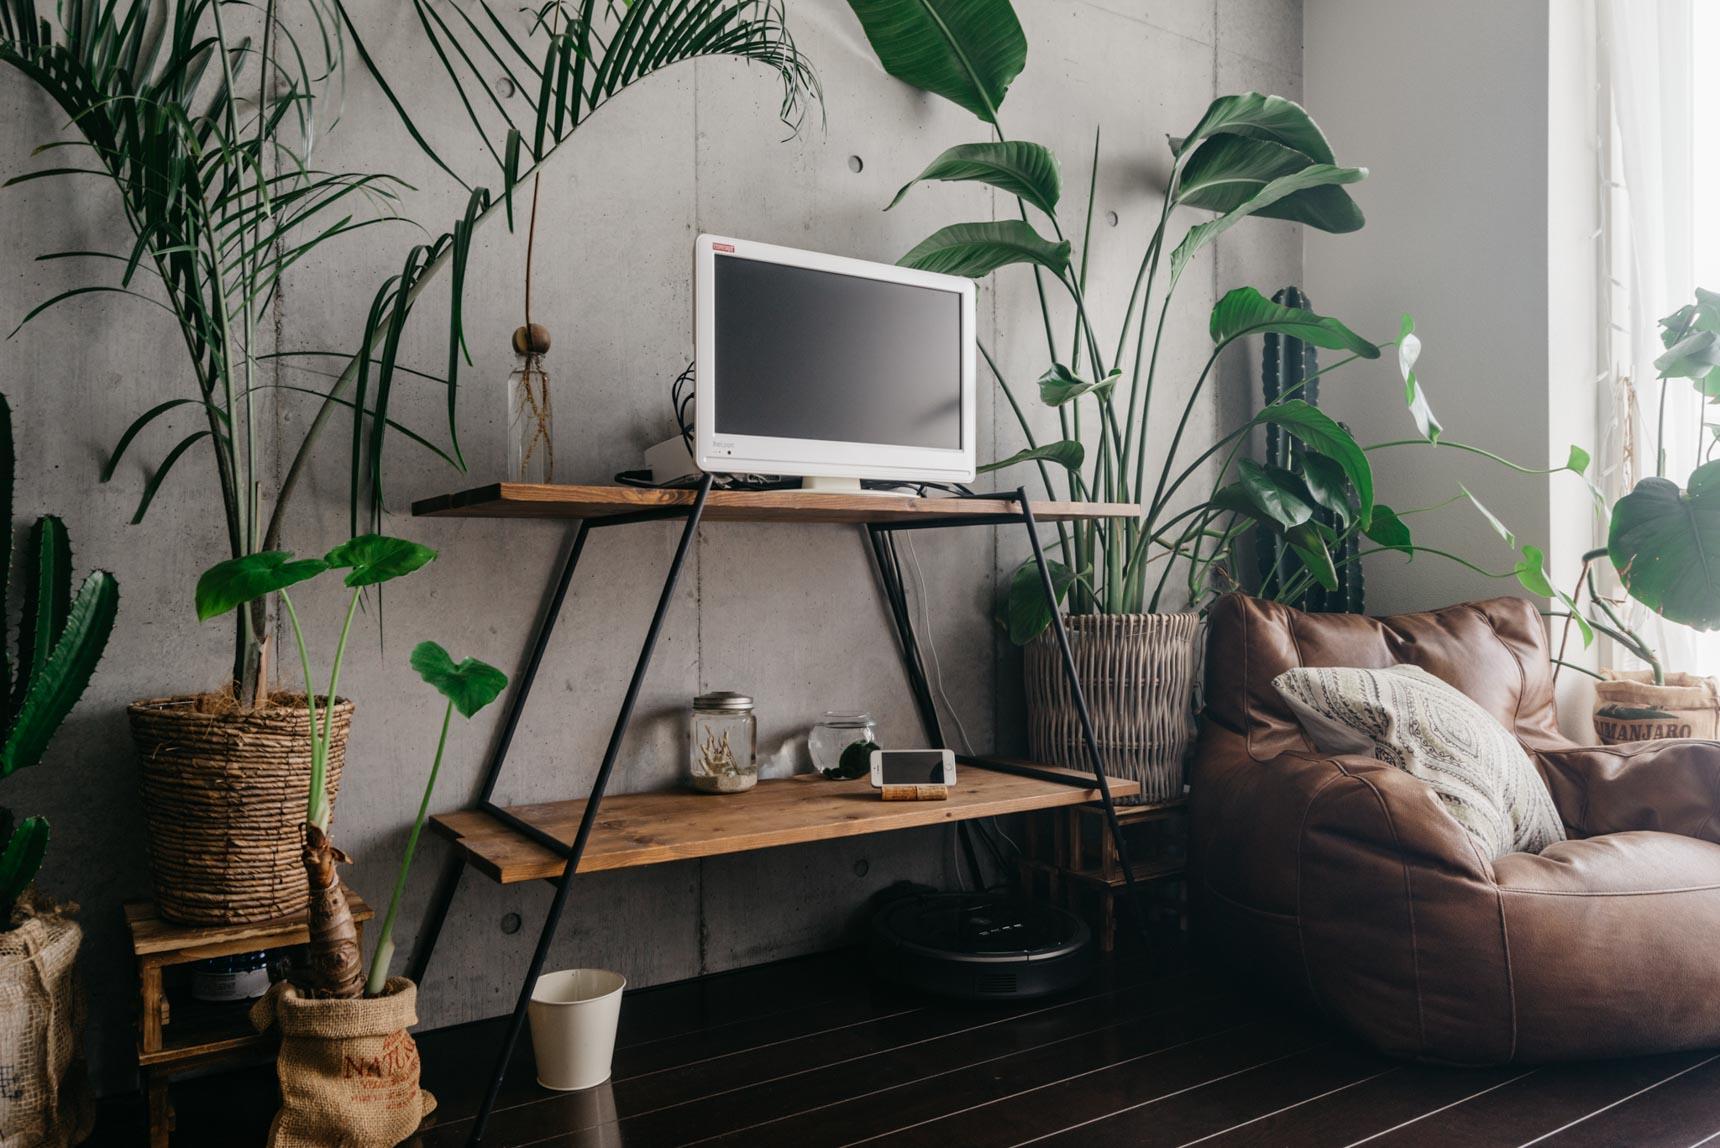 ソファやテレビボードはワックスを効かせたブラウンとアイアンの黒で暗めに合わせています。ダークな雰囲気に、グリーンの緑が映えますね。